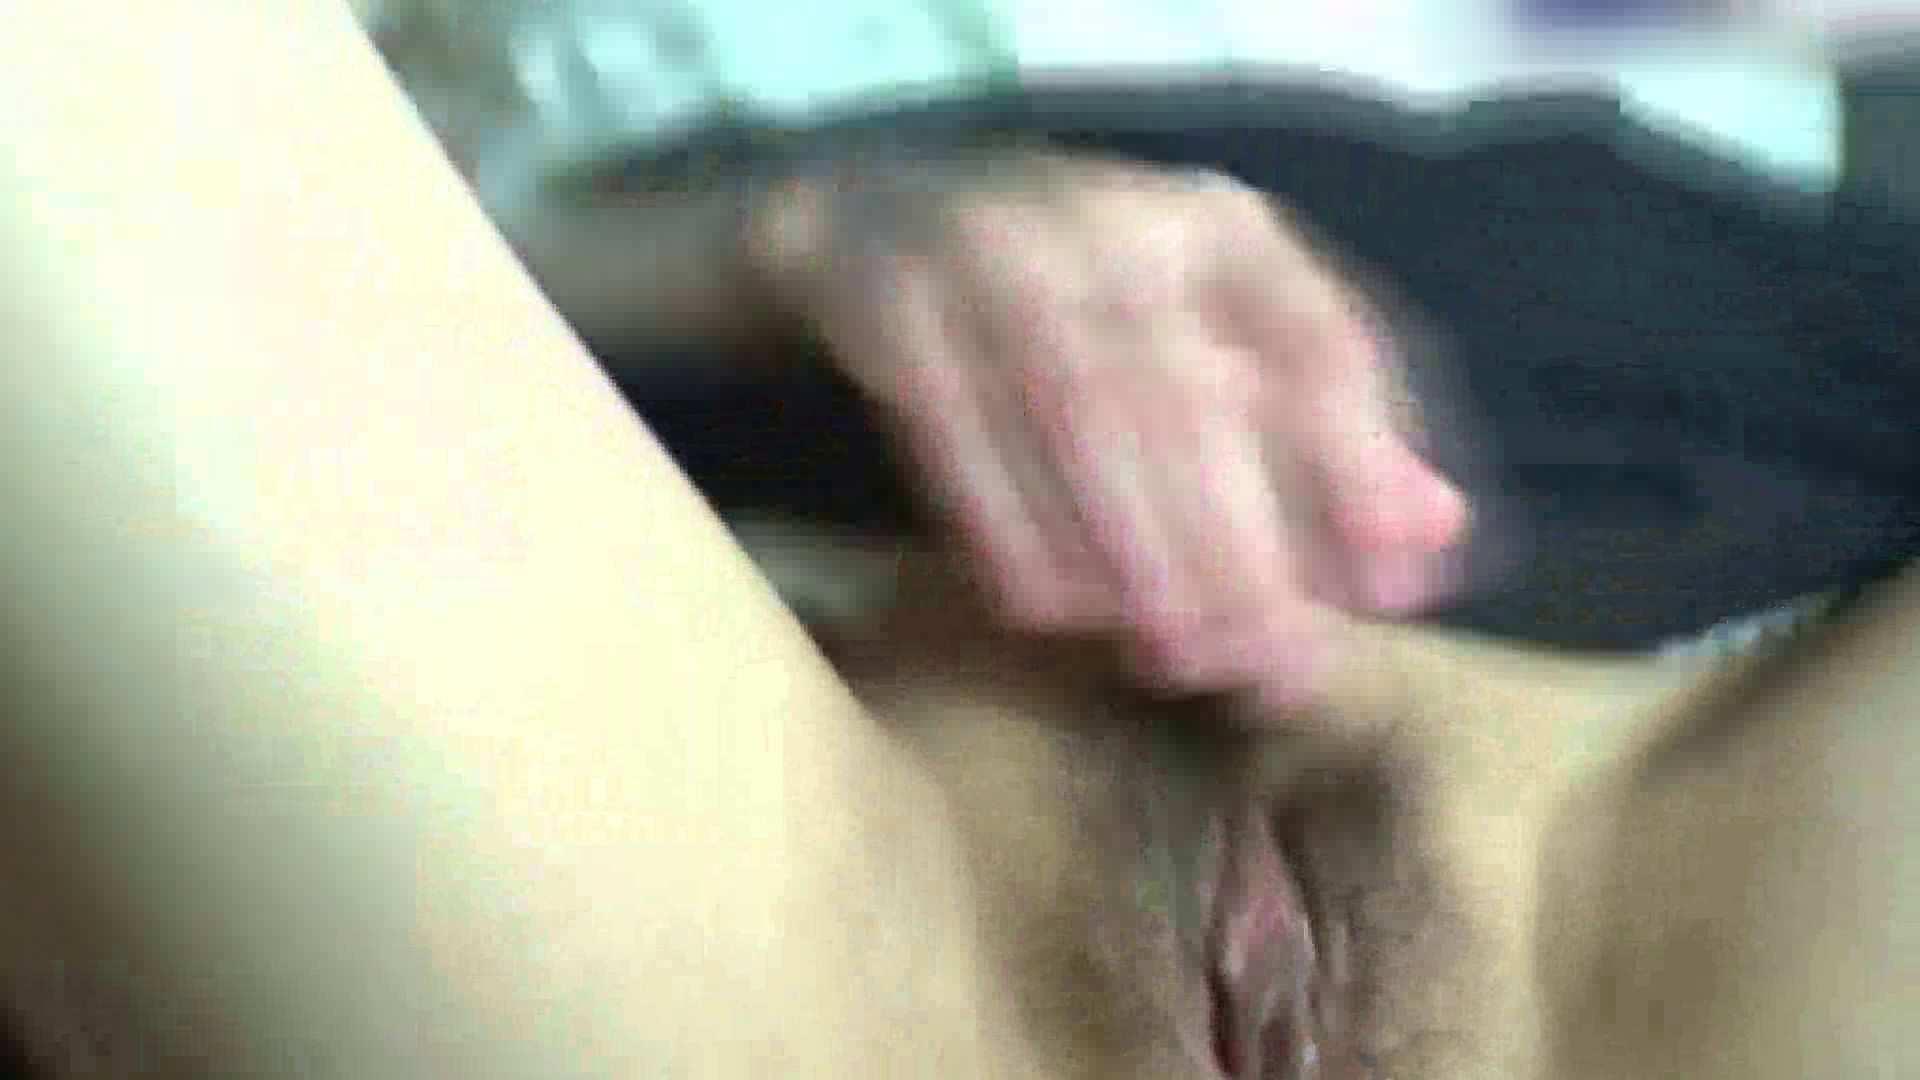 アヘ顔のわたしってどうかしら Vol.044 美女すけべ画像 濡れ場動画紹介 85連発 31